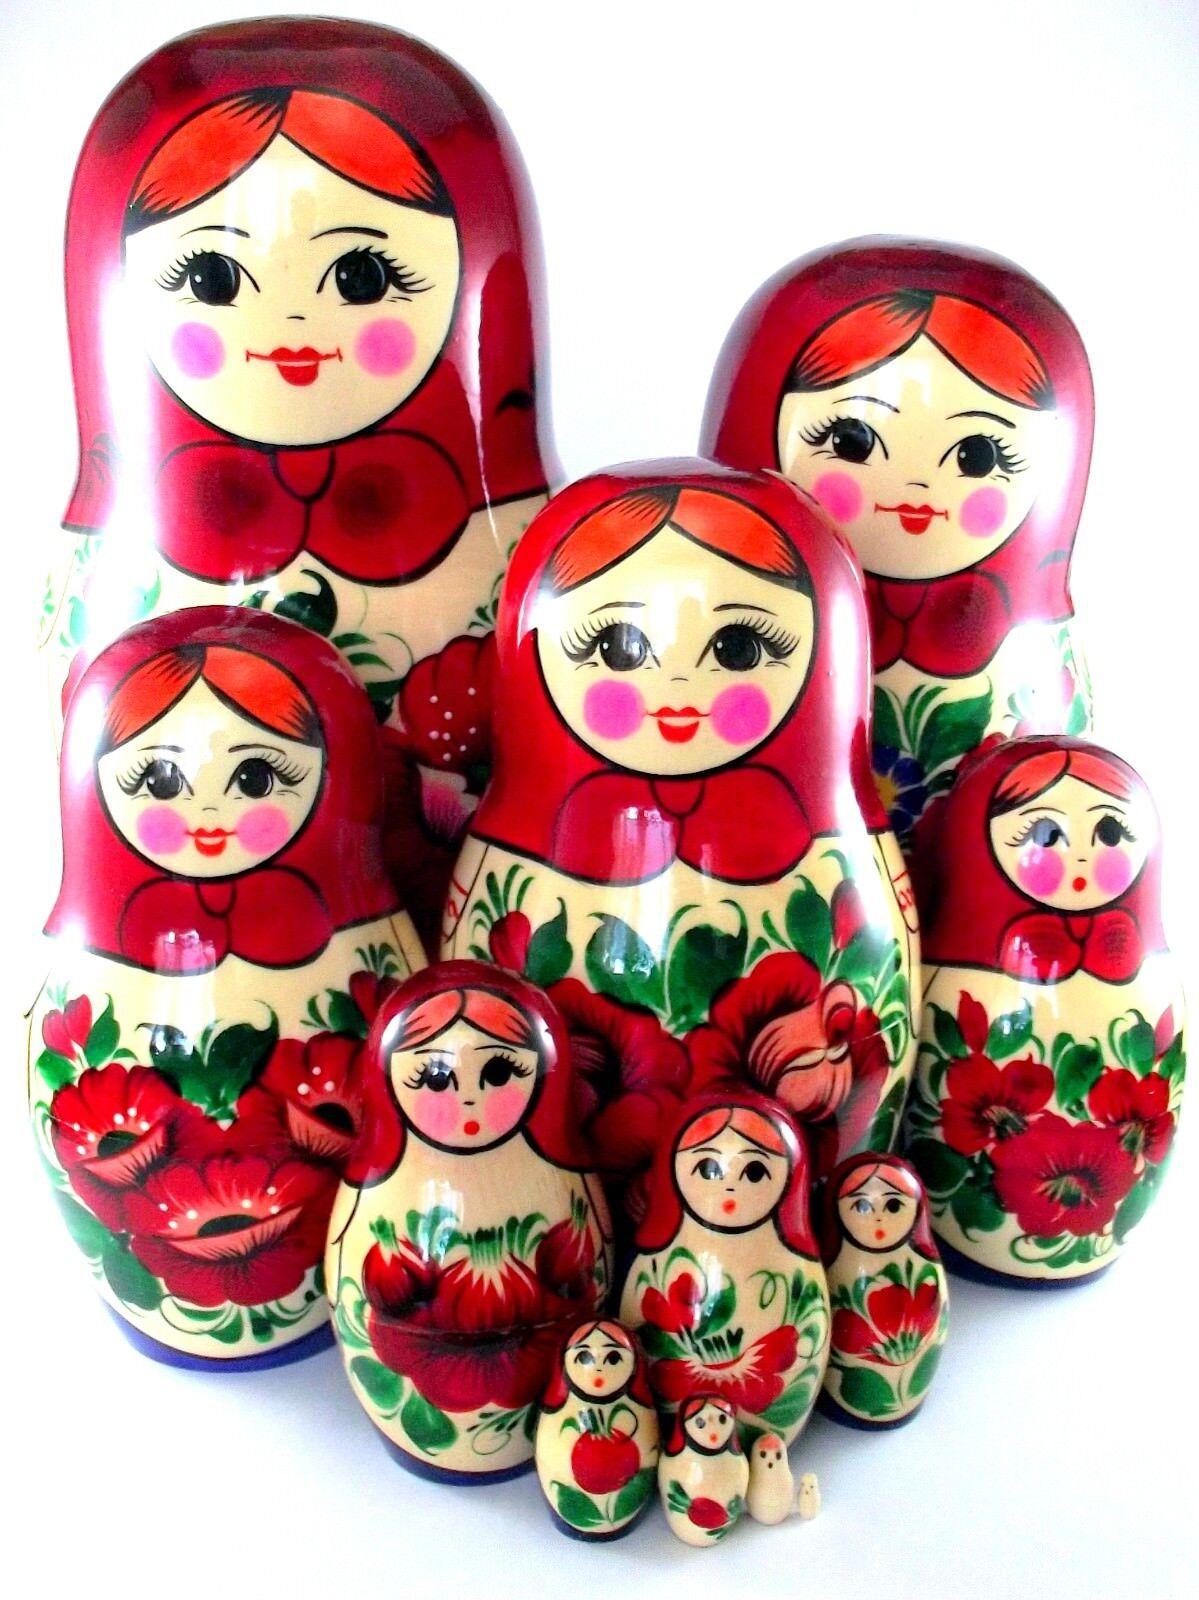 Matrioska Matriosche Matriosca Originale Russa Bambole Legno Nuovo 12 pezzi